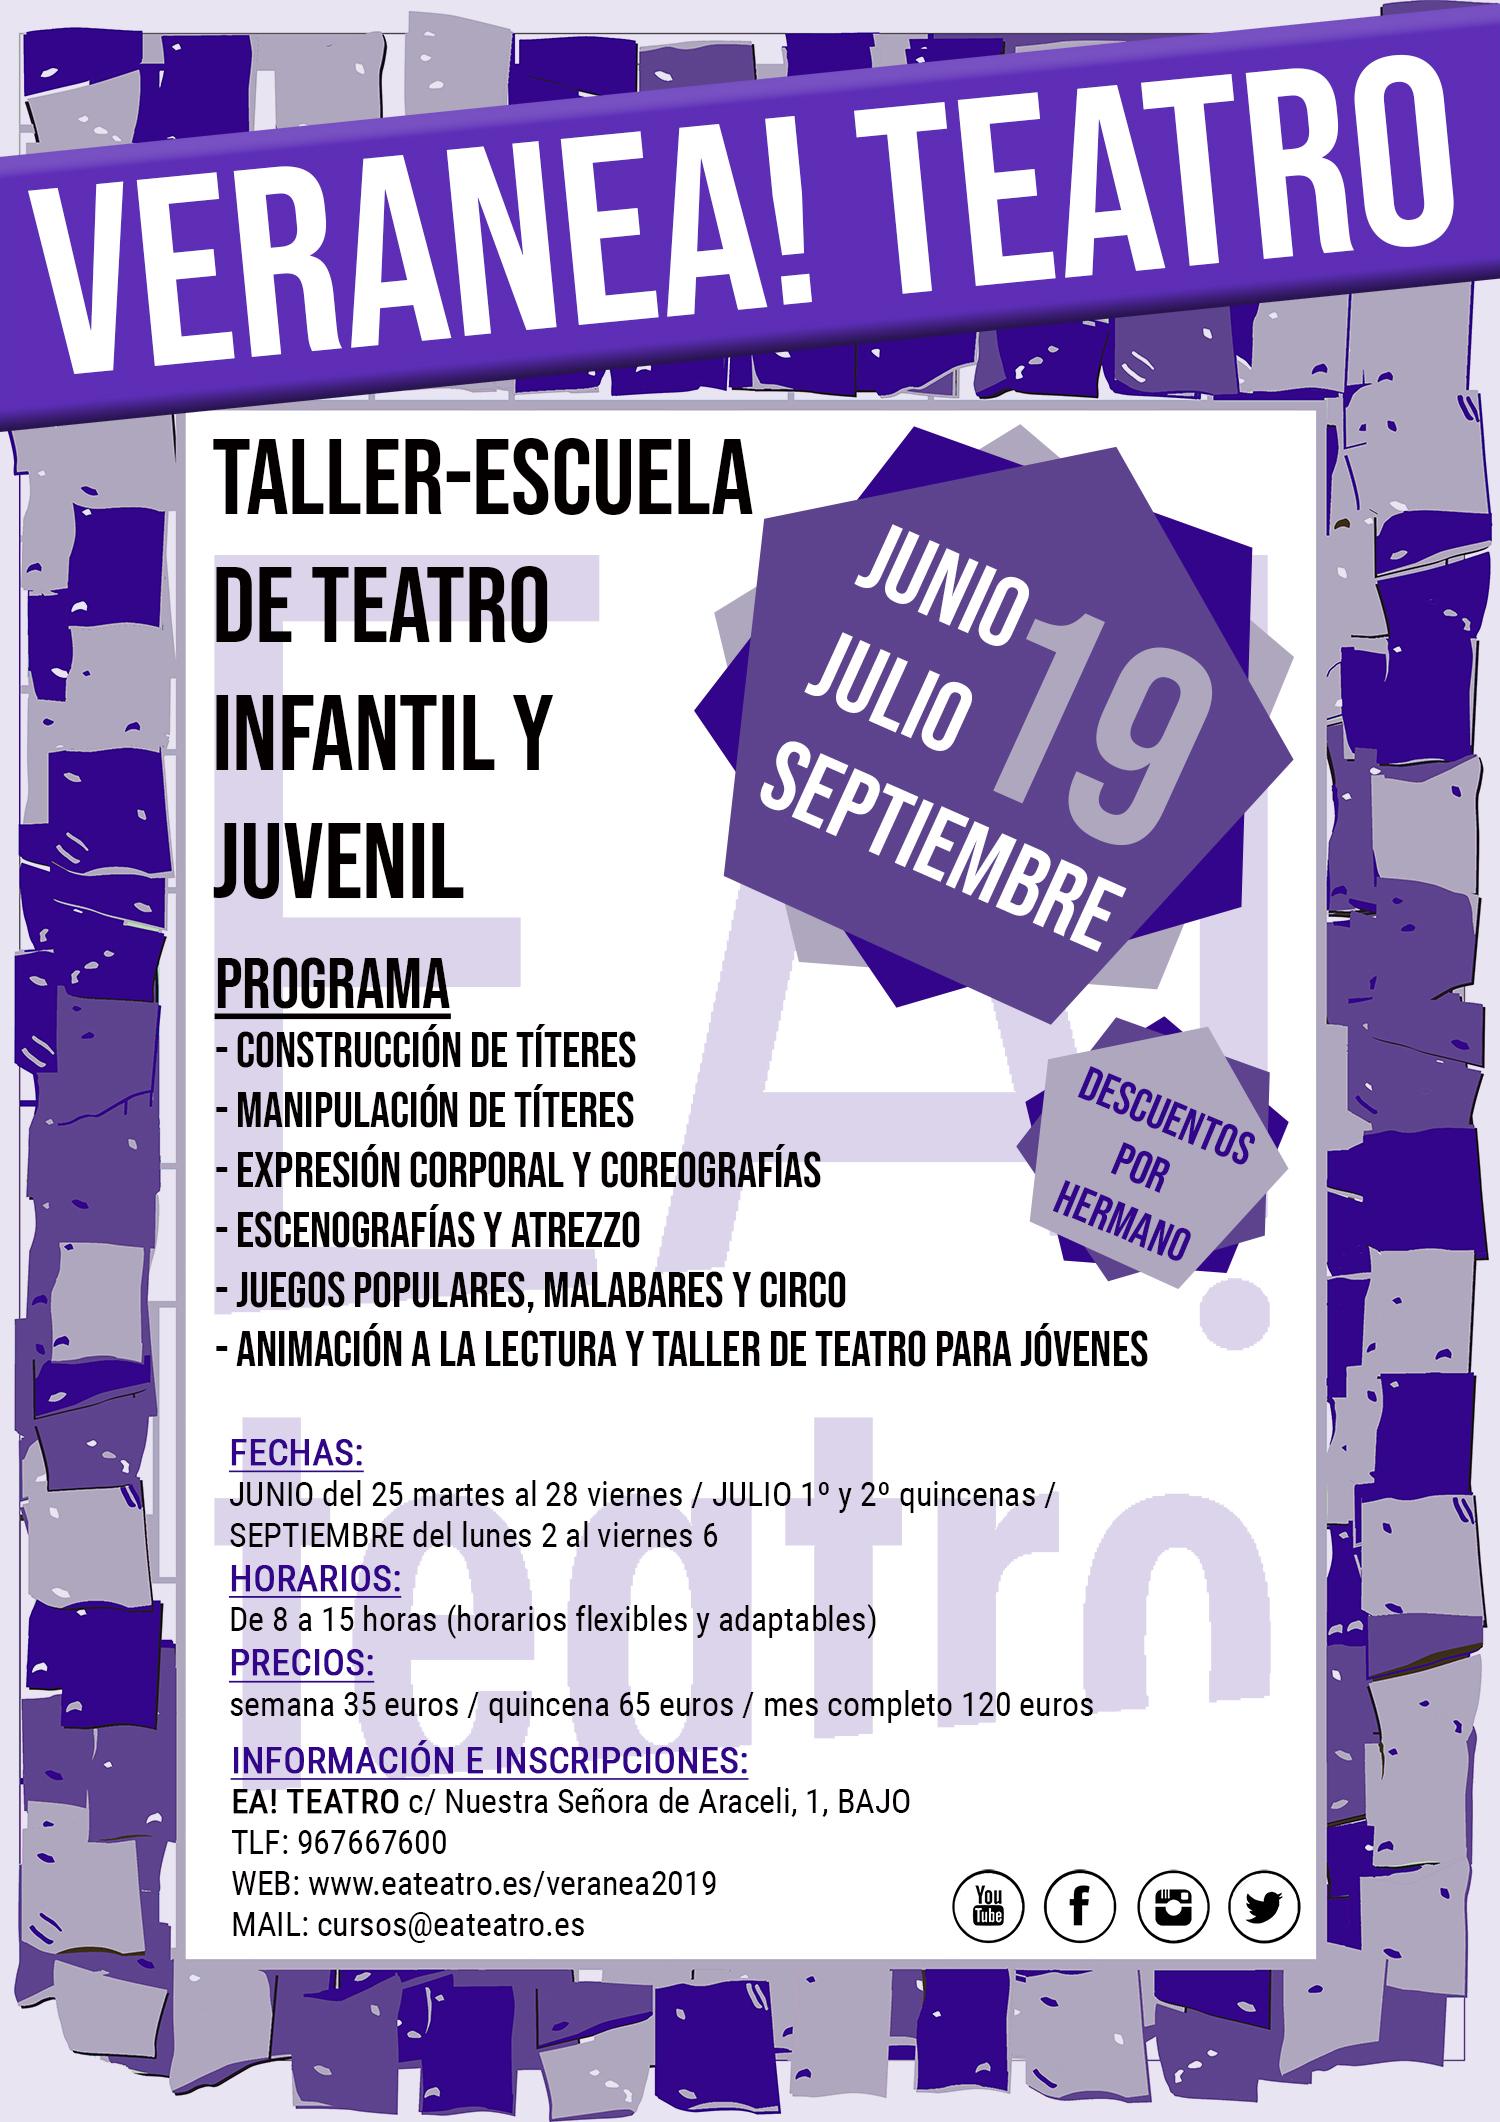 VeranEa! Teatro 2019